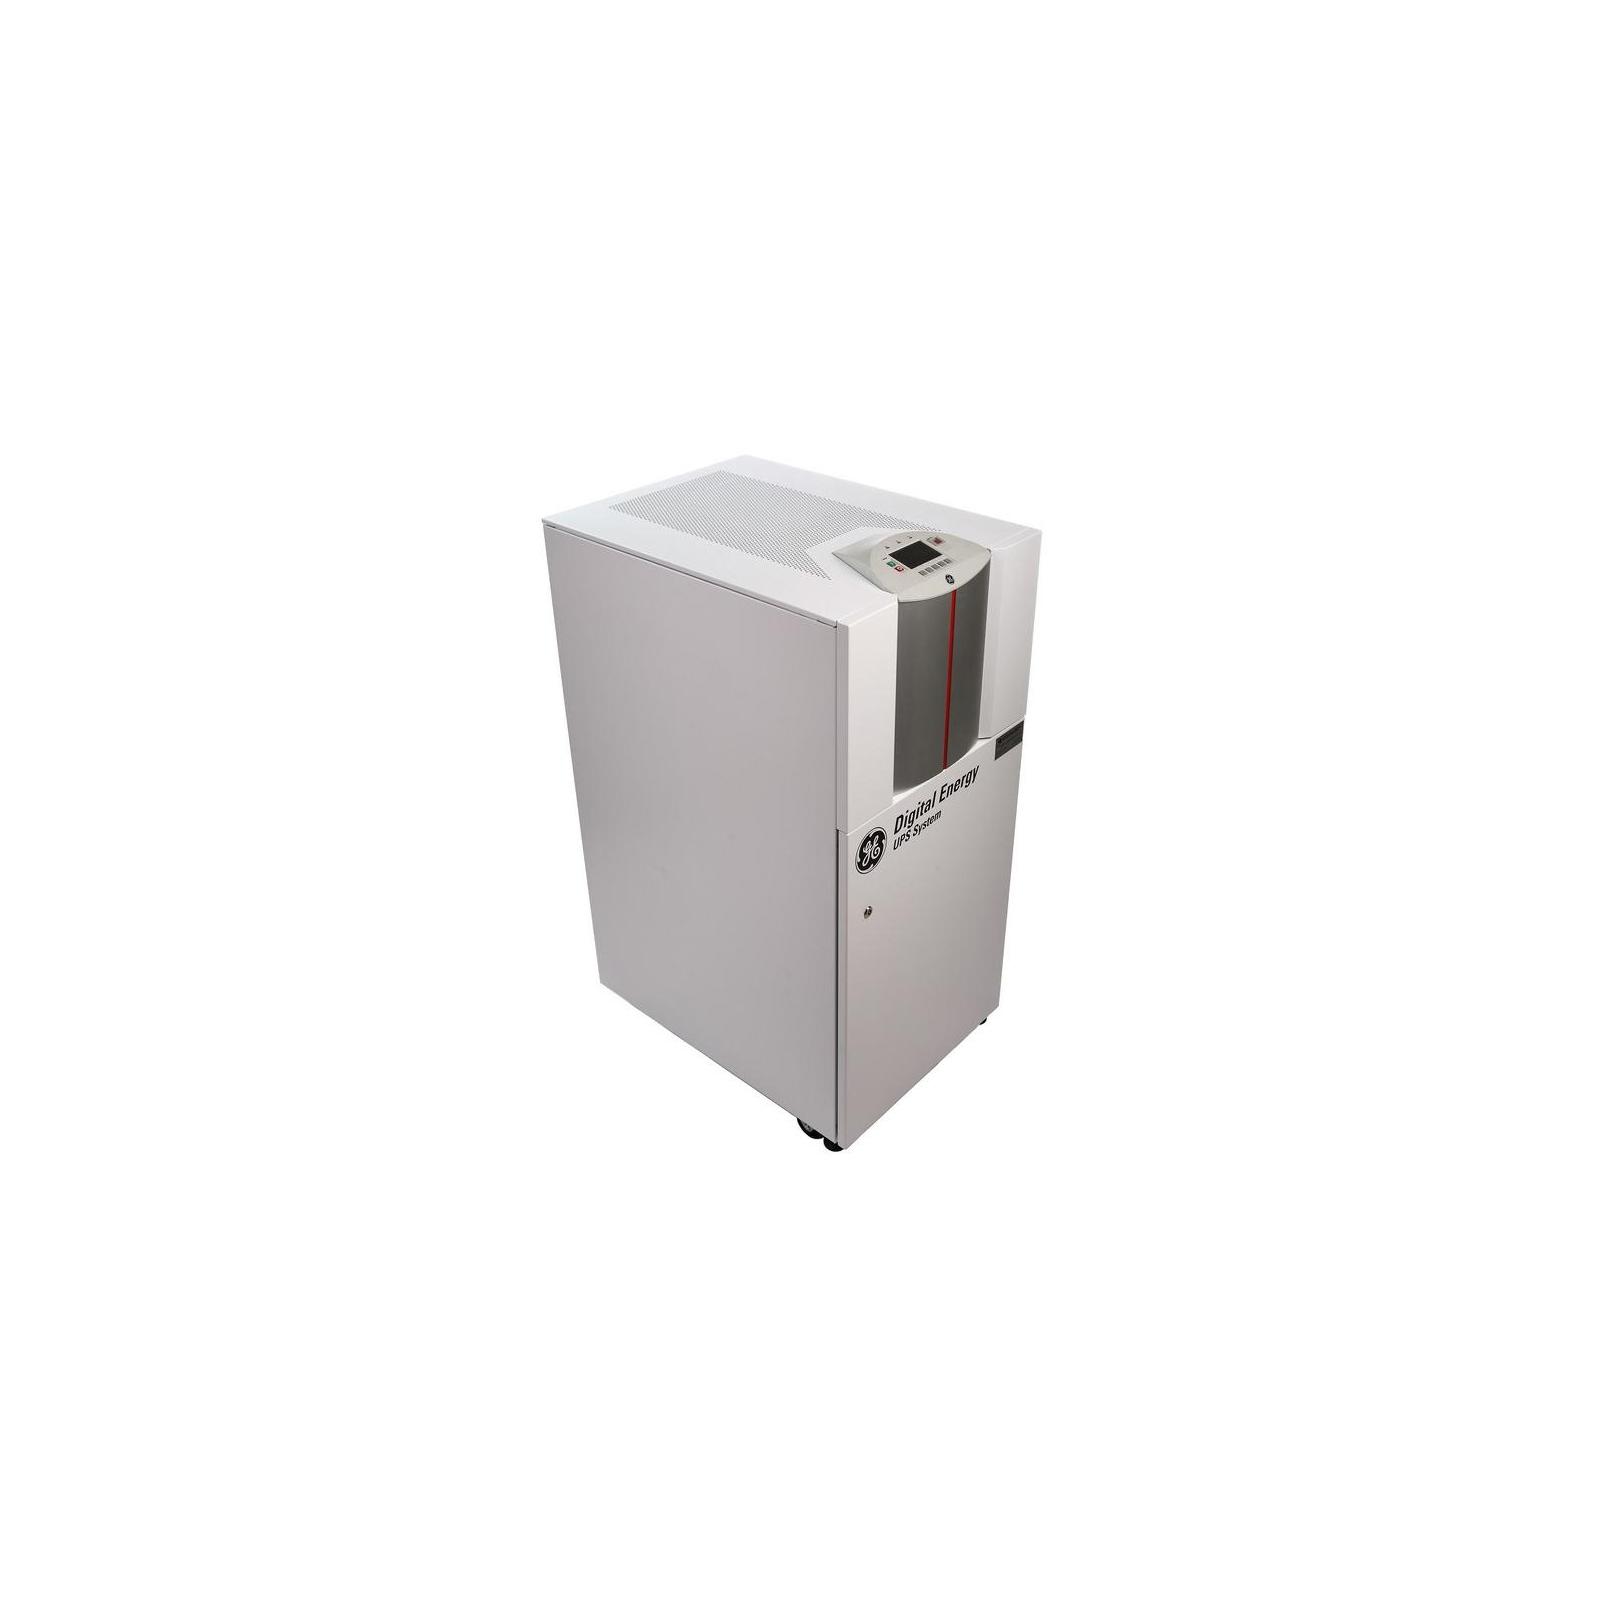 Источник бесперебойного питания General Electric Battery cabinet LP33 28Ah (11592) изображение 3